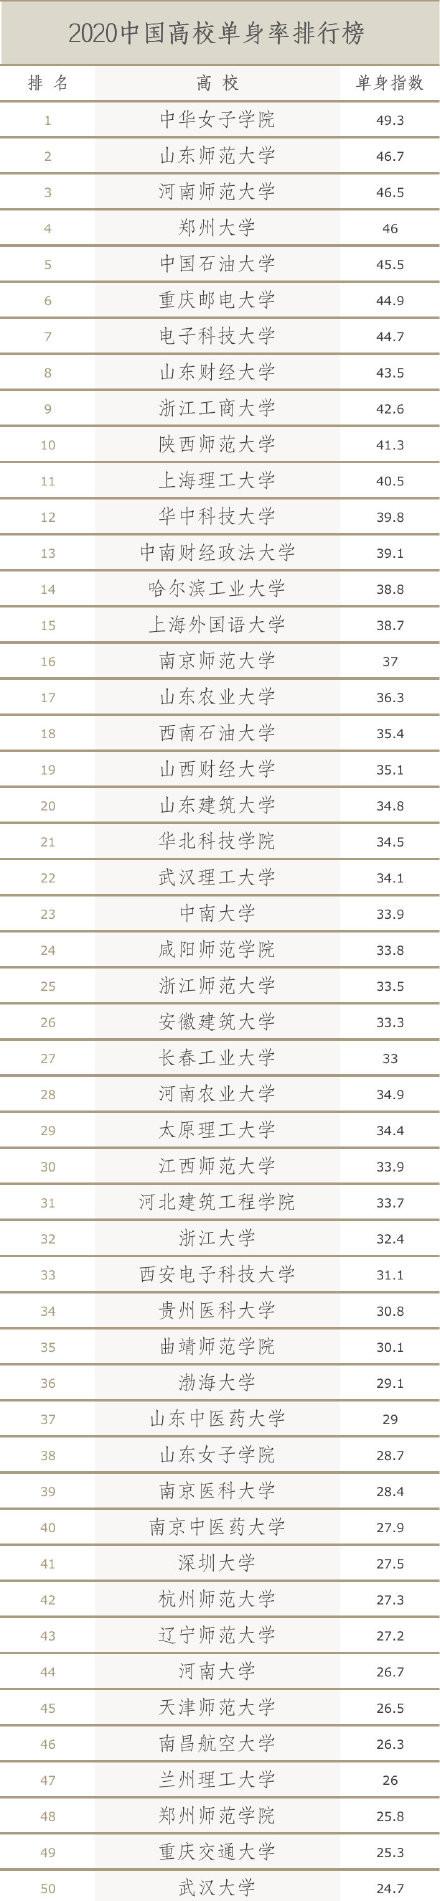 中国高校单身率排行榜出炉